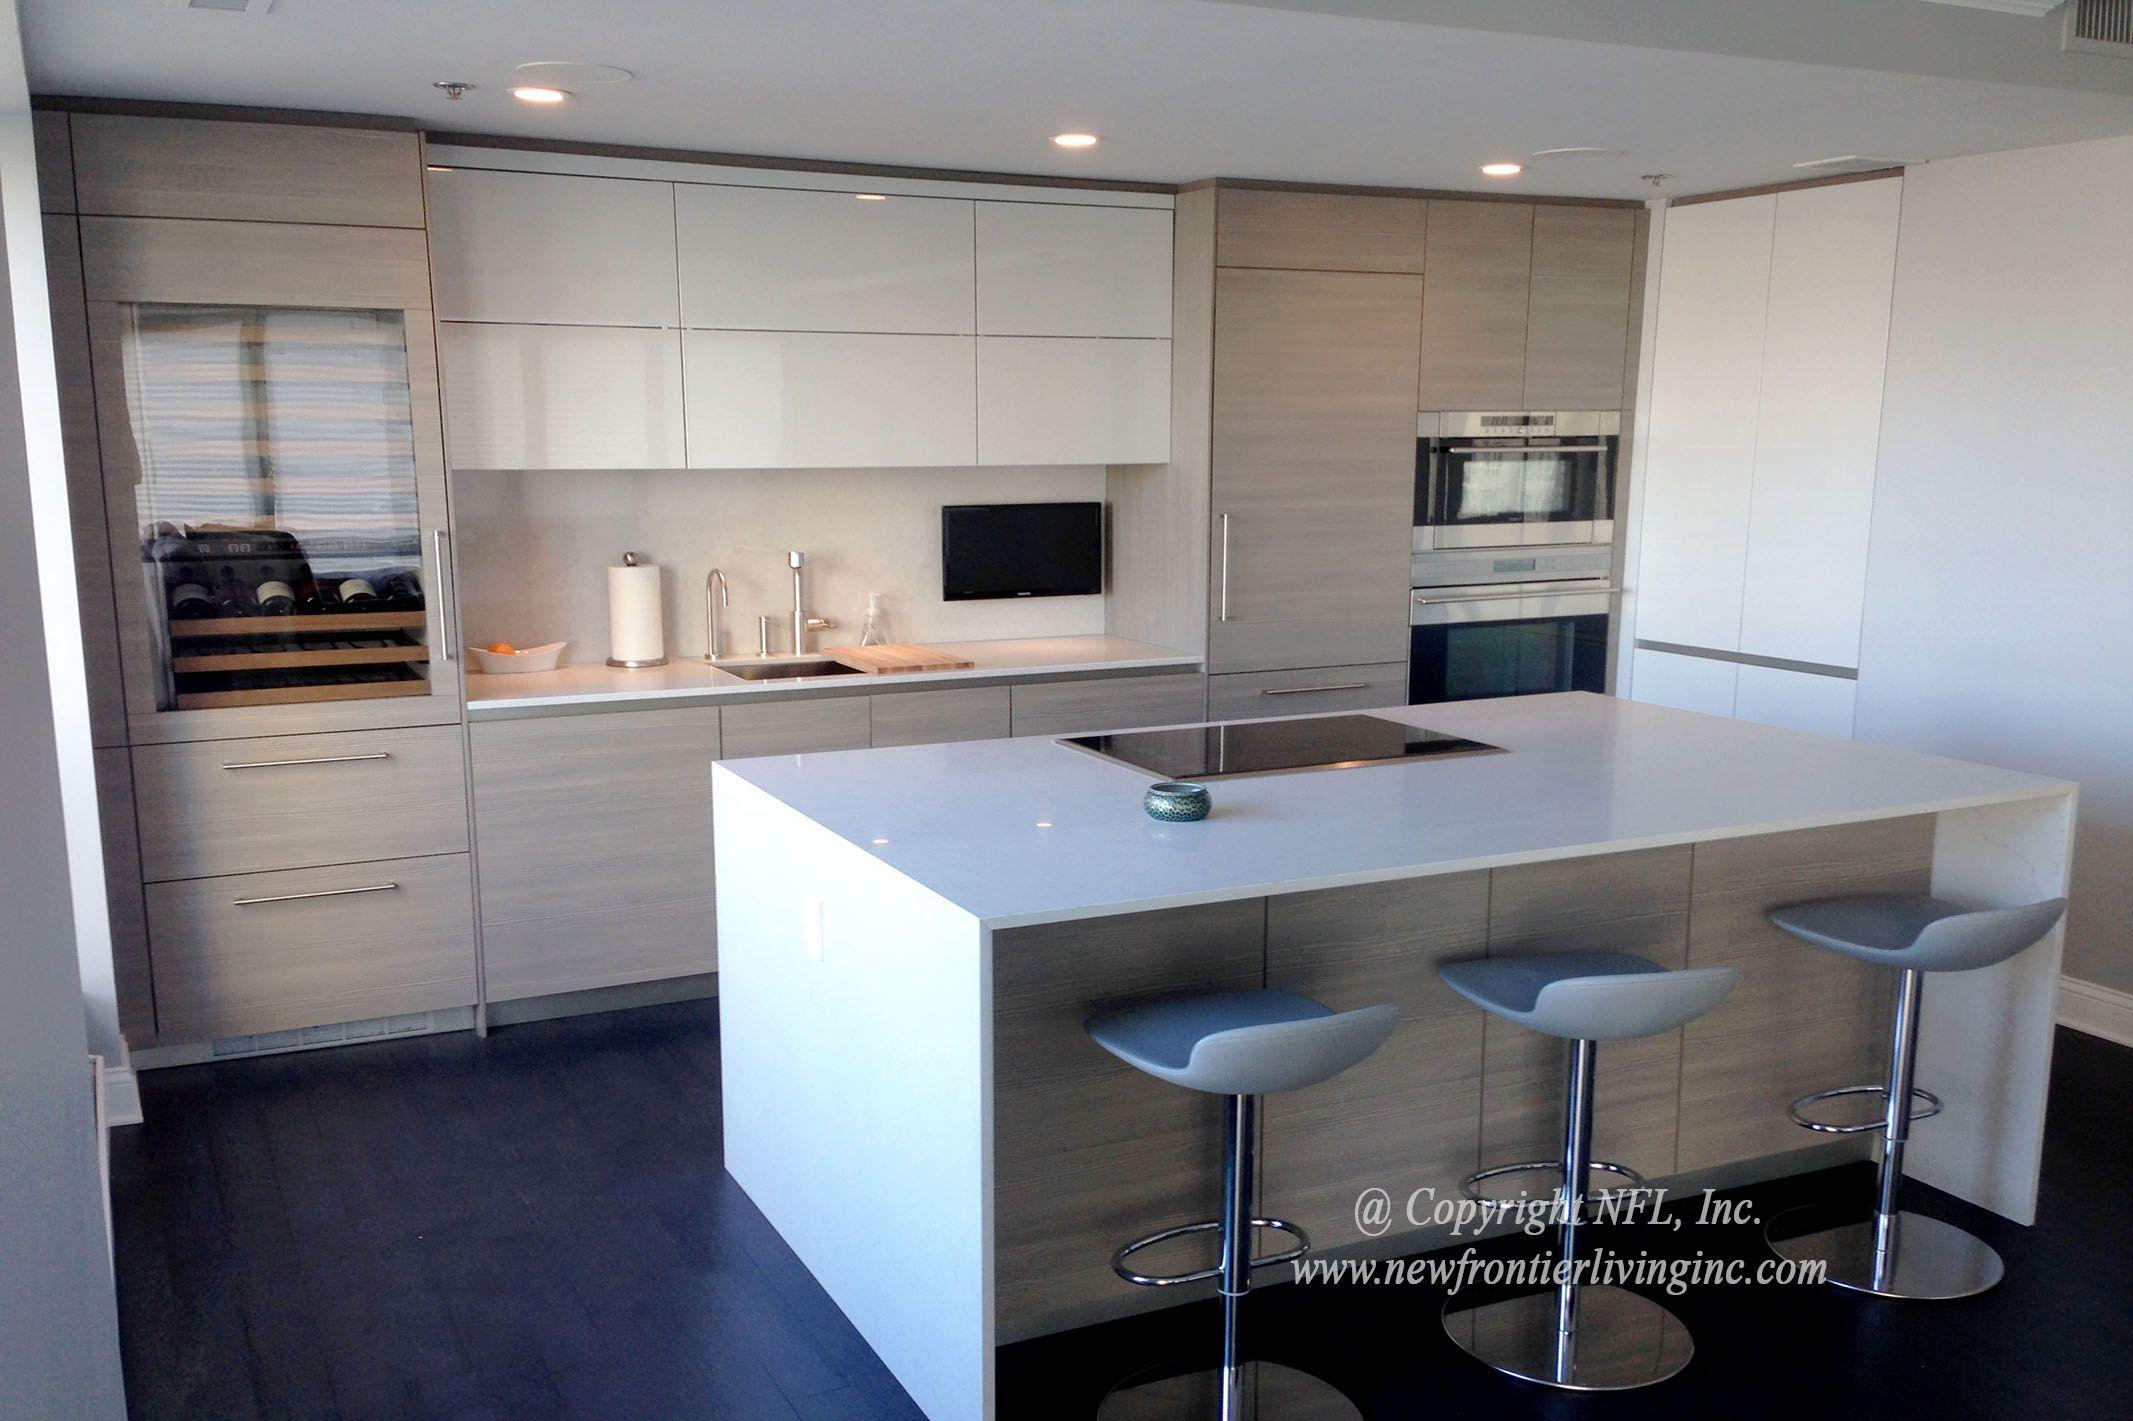 Snaidero kitchen cabinetry - 57 E. Delware, Chicago, IL - 2014 ...